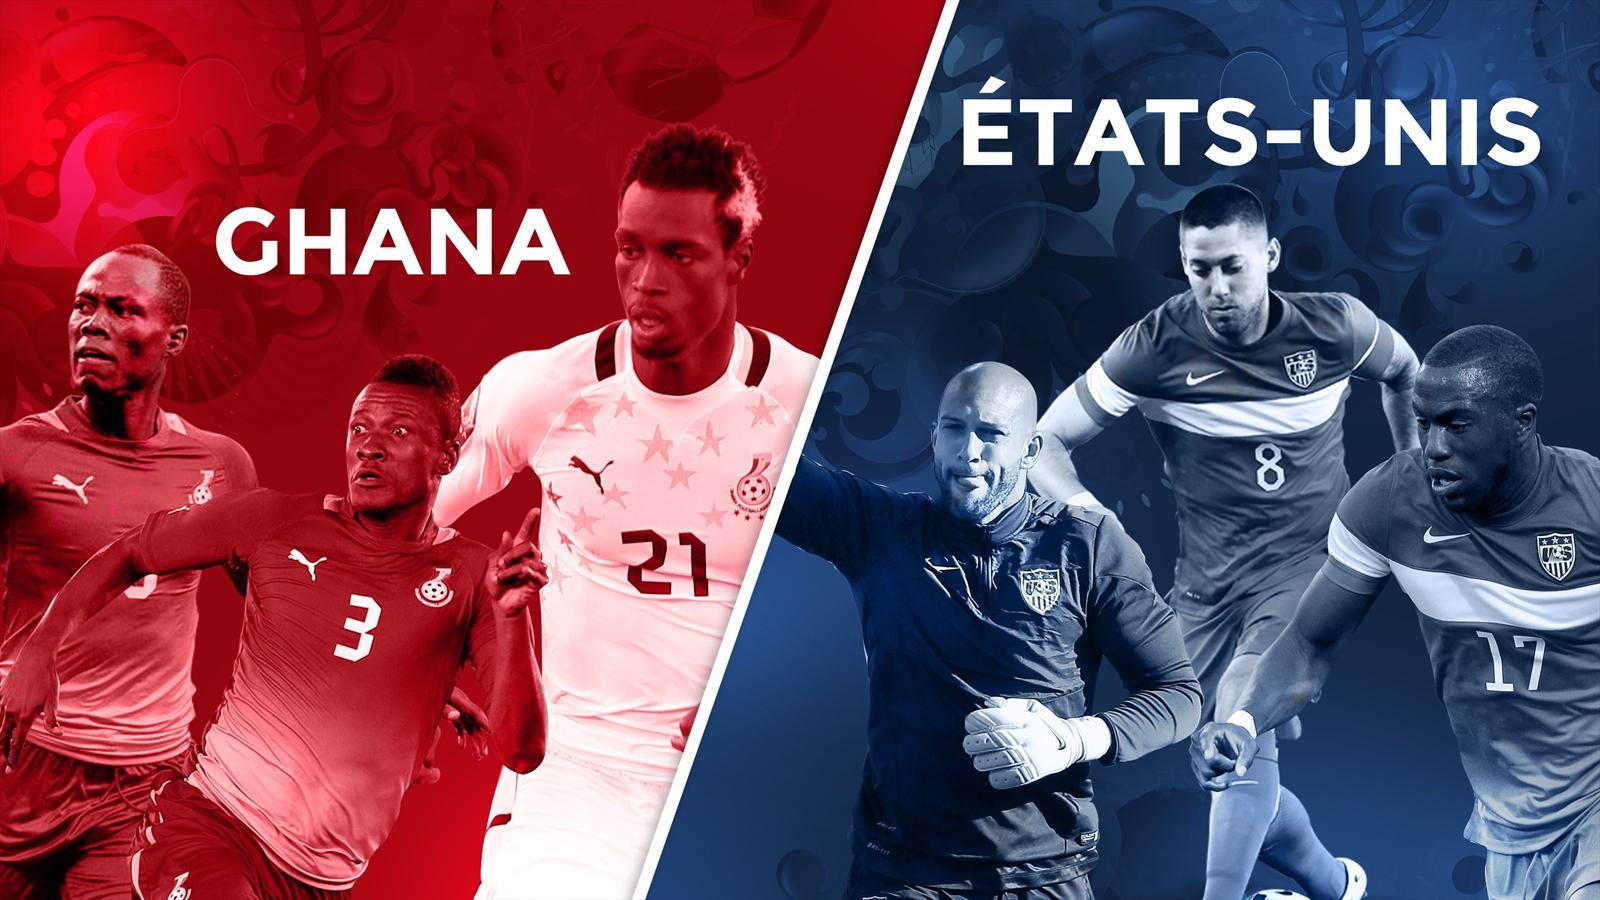 En direct live ghana etats unis coupe du monde 17 juin 2014 eurosport - Coupe du monde etats unis ...